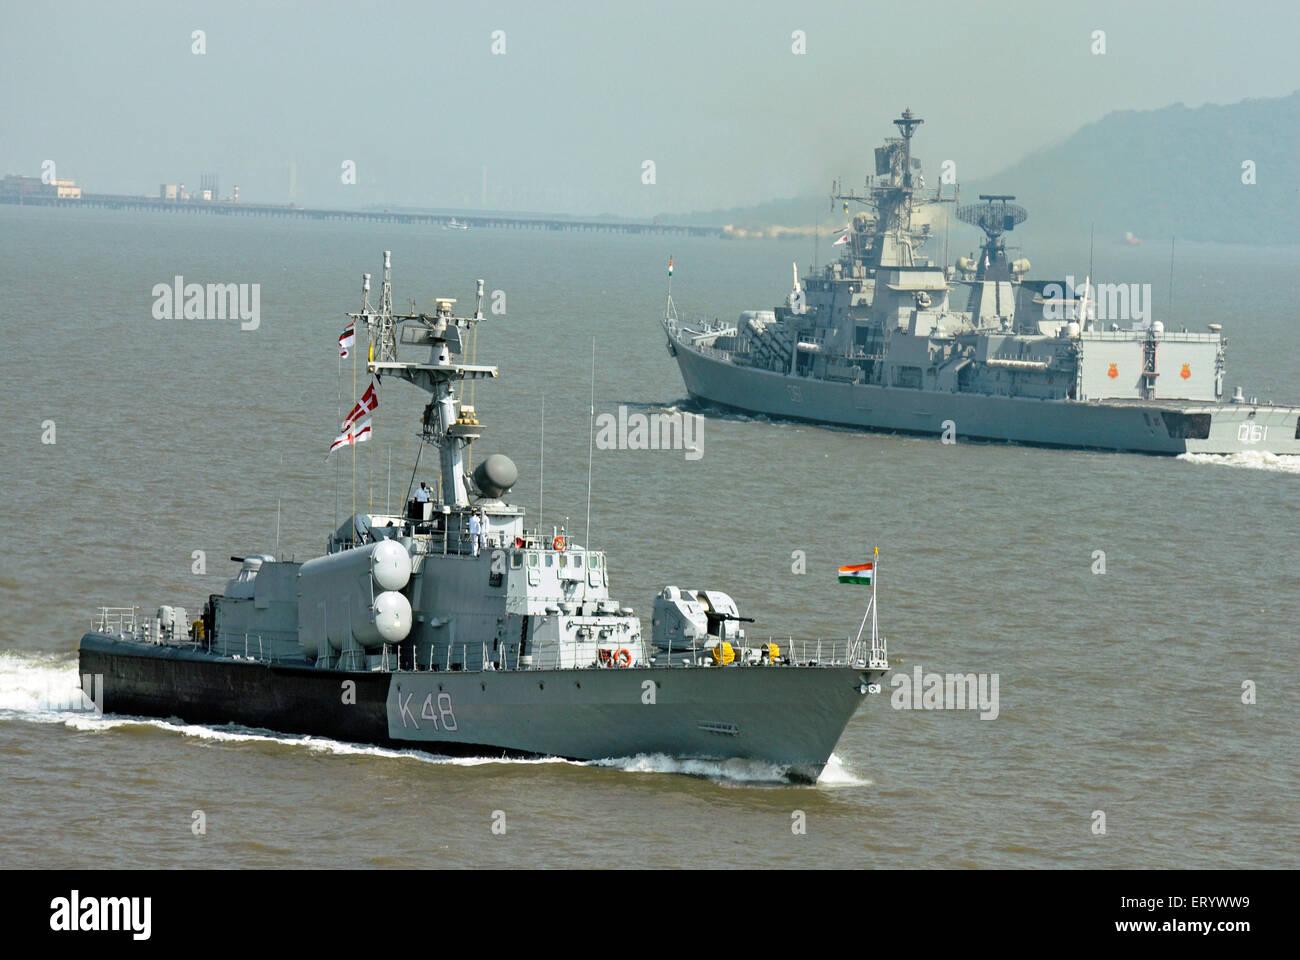 Kilo class and fridget warship of Indian navy in arabian sea ; Bombay ; Mumbai ; Maharashtra ; India - Stock Image